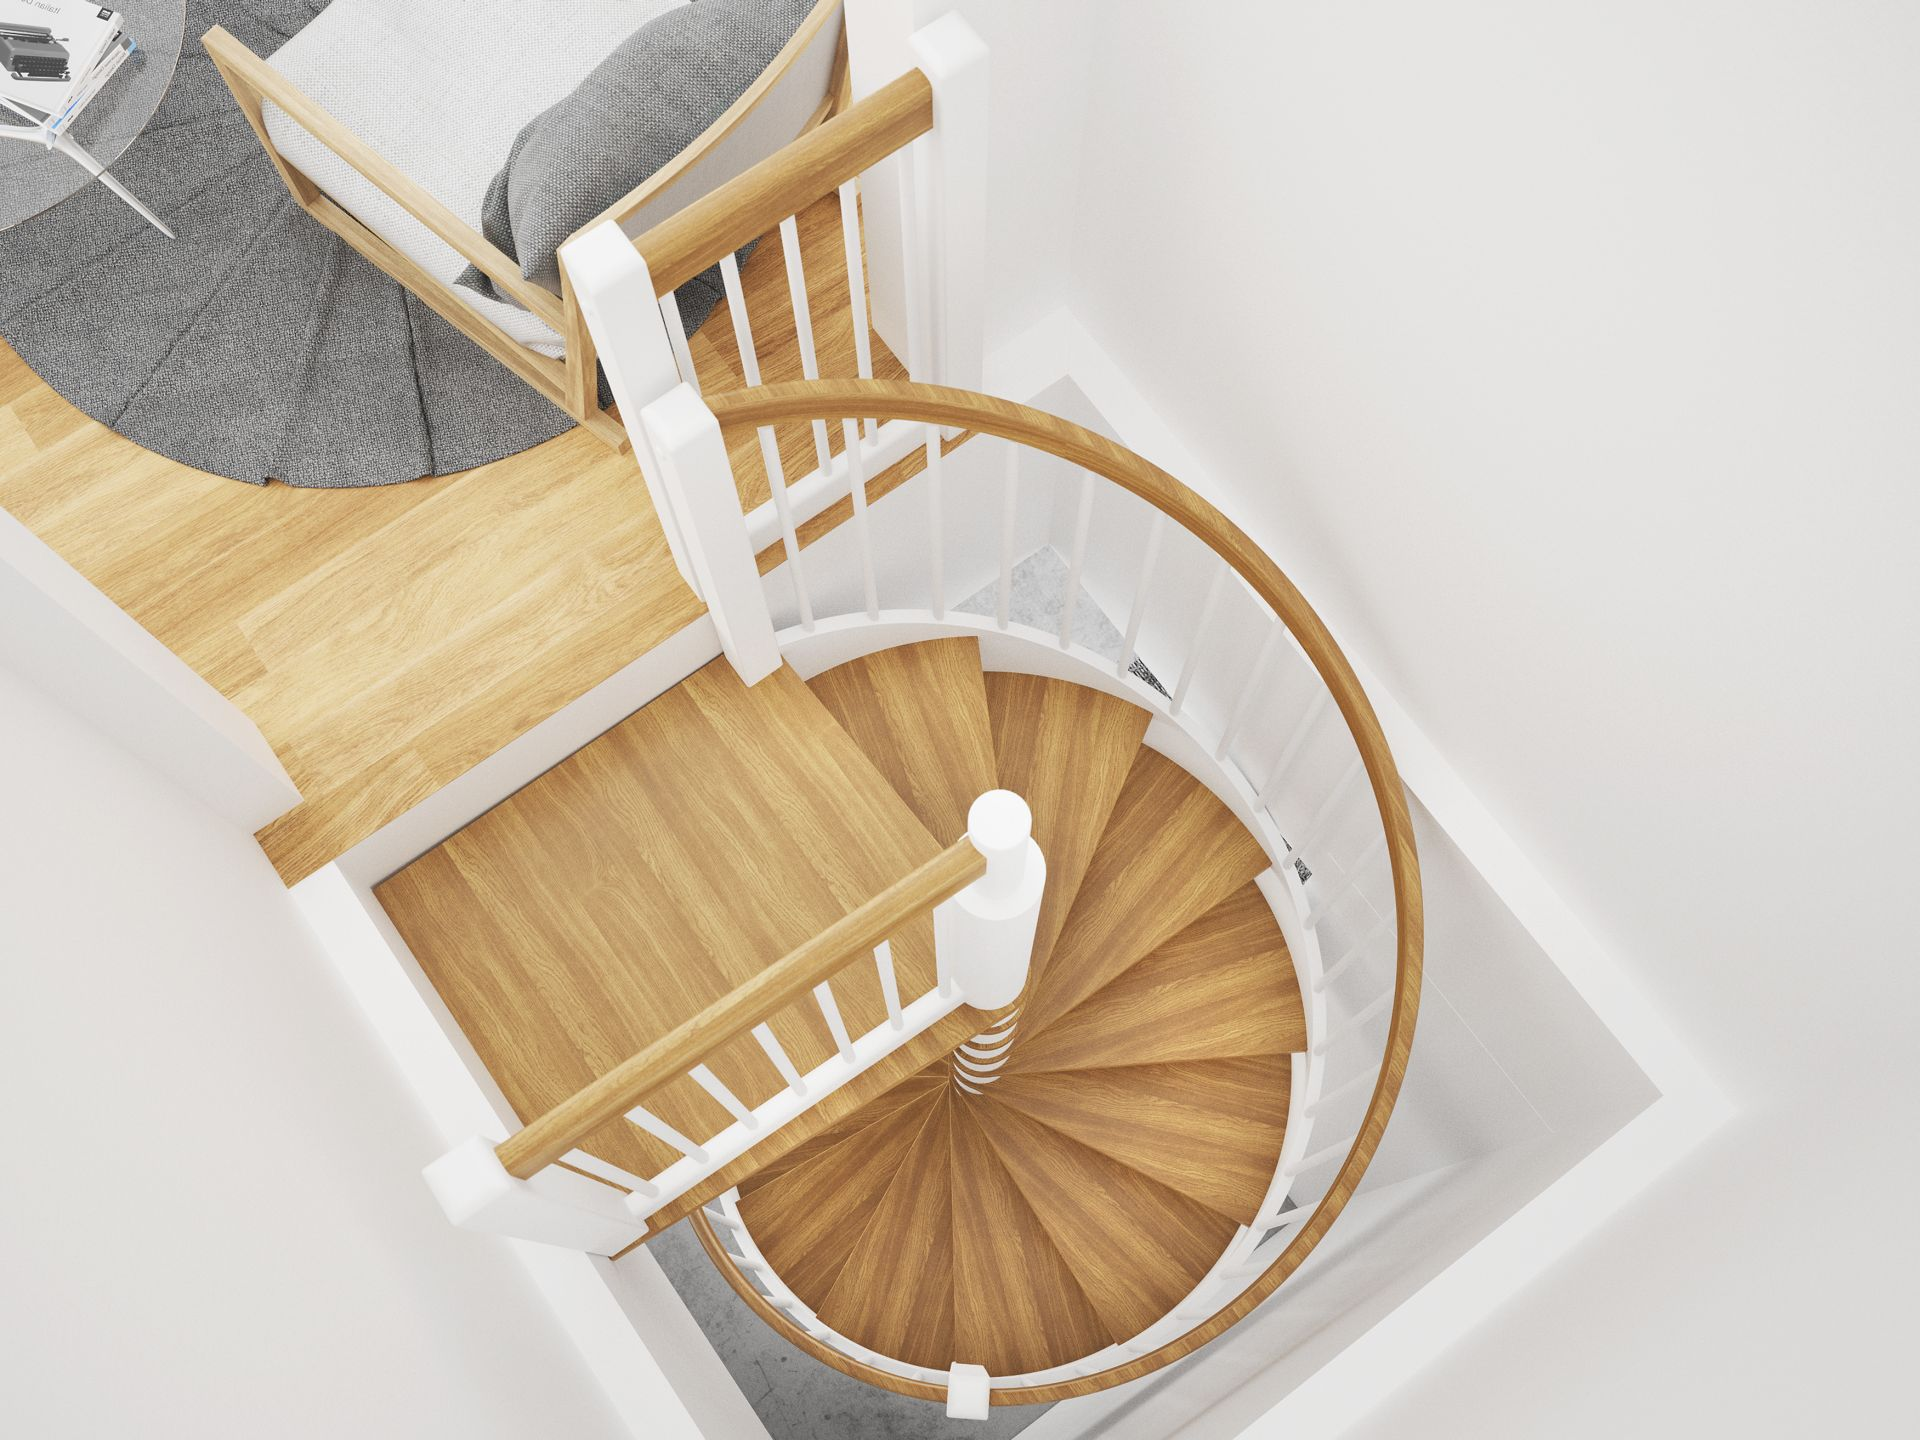 schody skandynawskie, schody spiralne